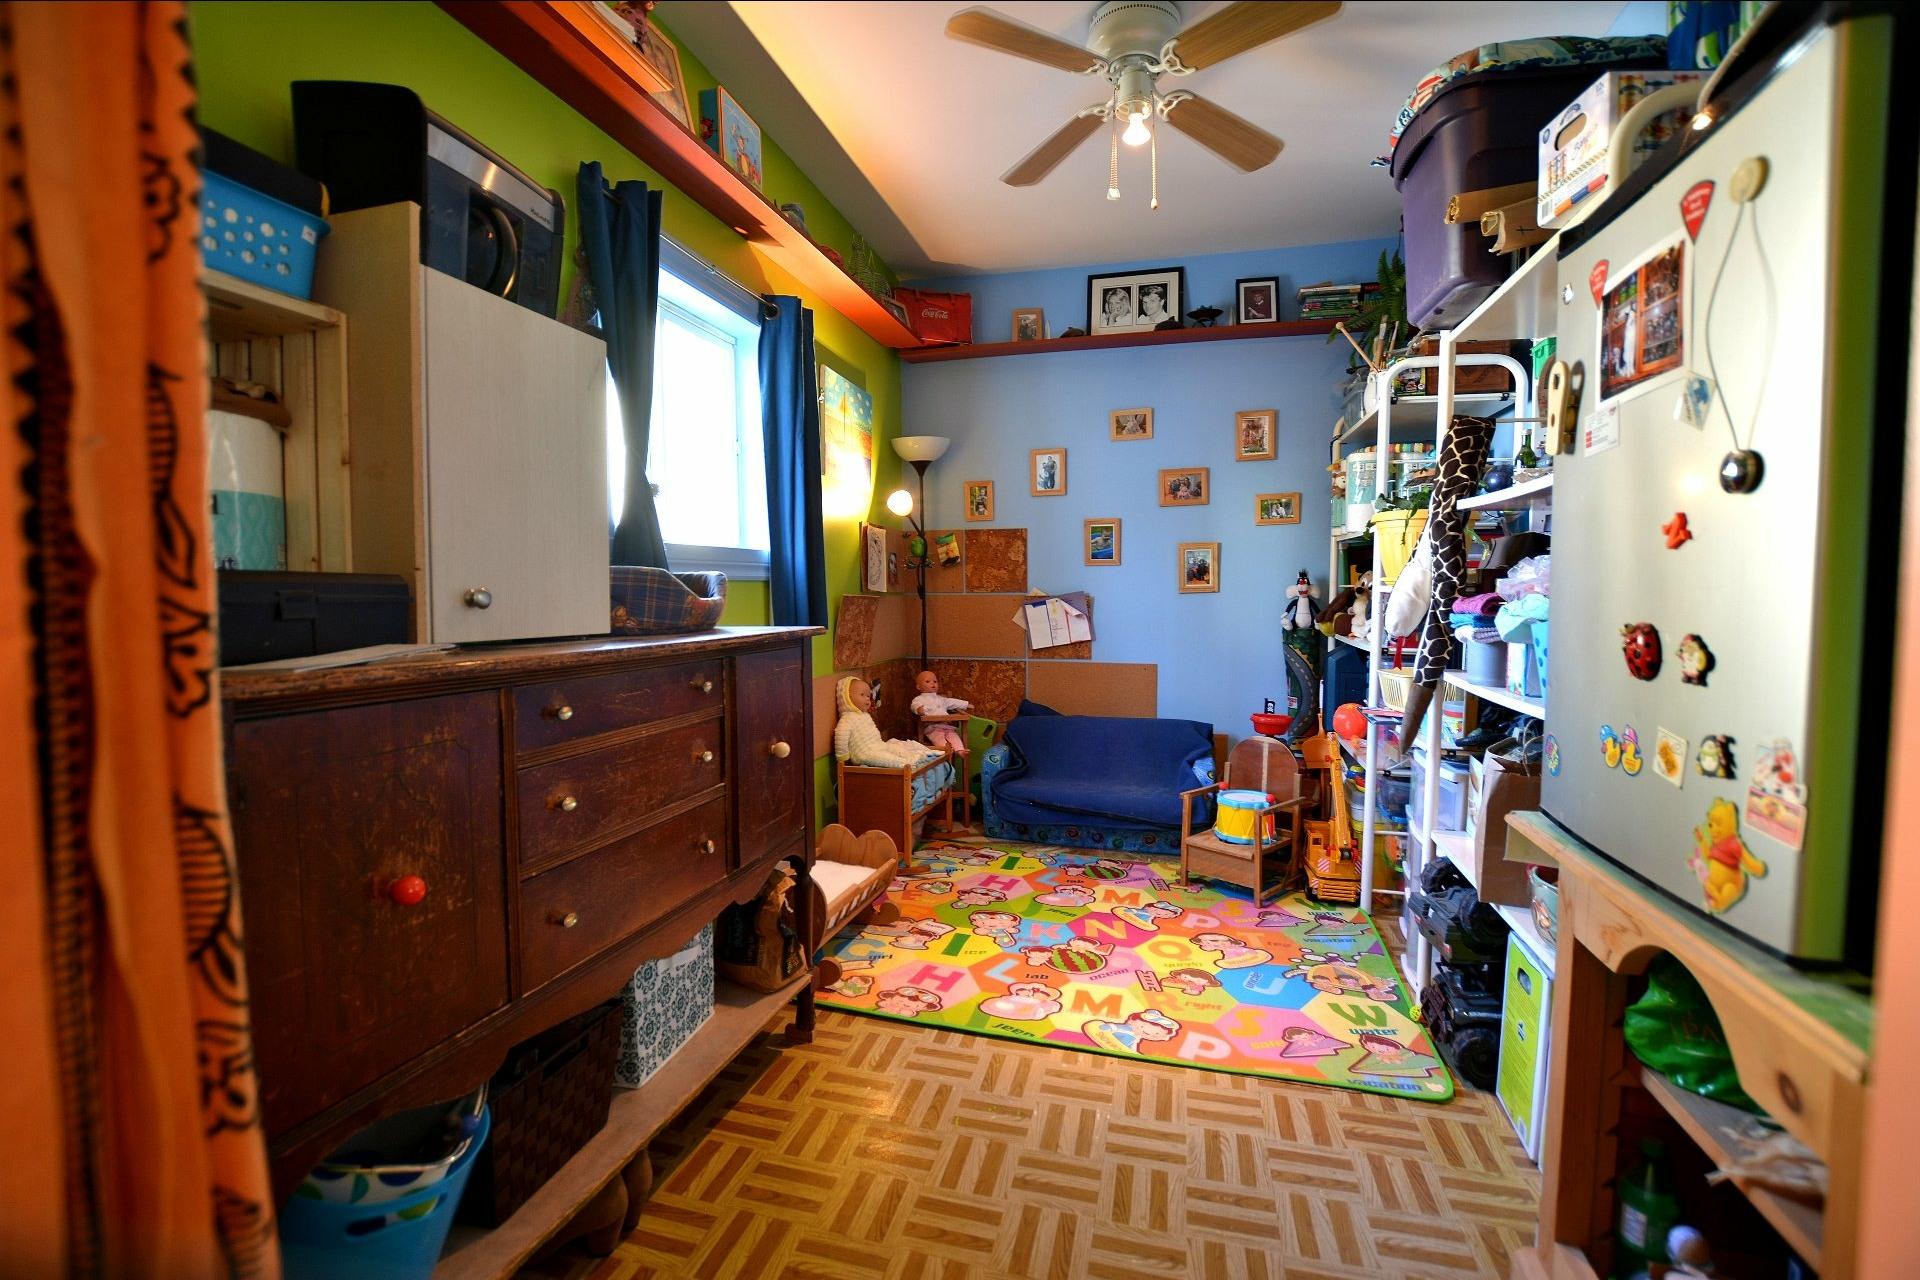 image 22 - House For sale Montréal Lachine  - 5 rooms